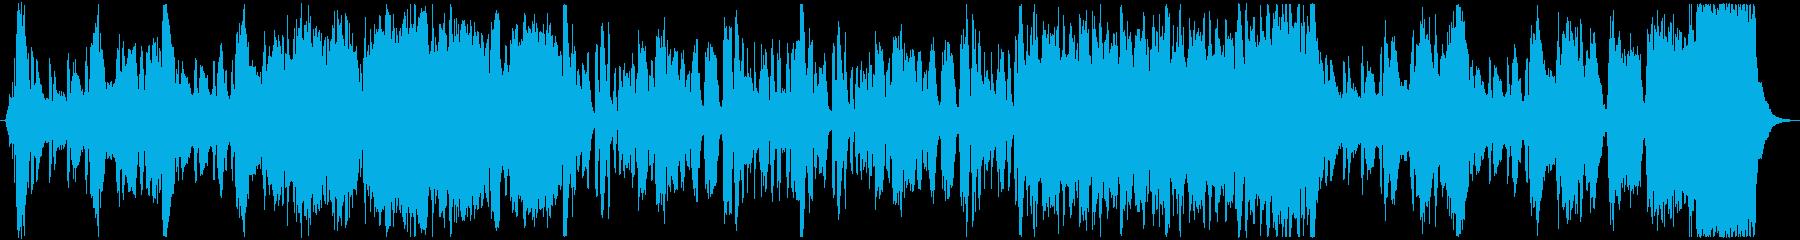 ファンファーレが印象的なオーケストラの再生済みの波形